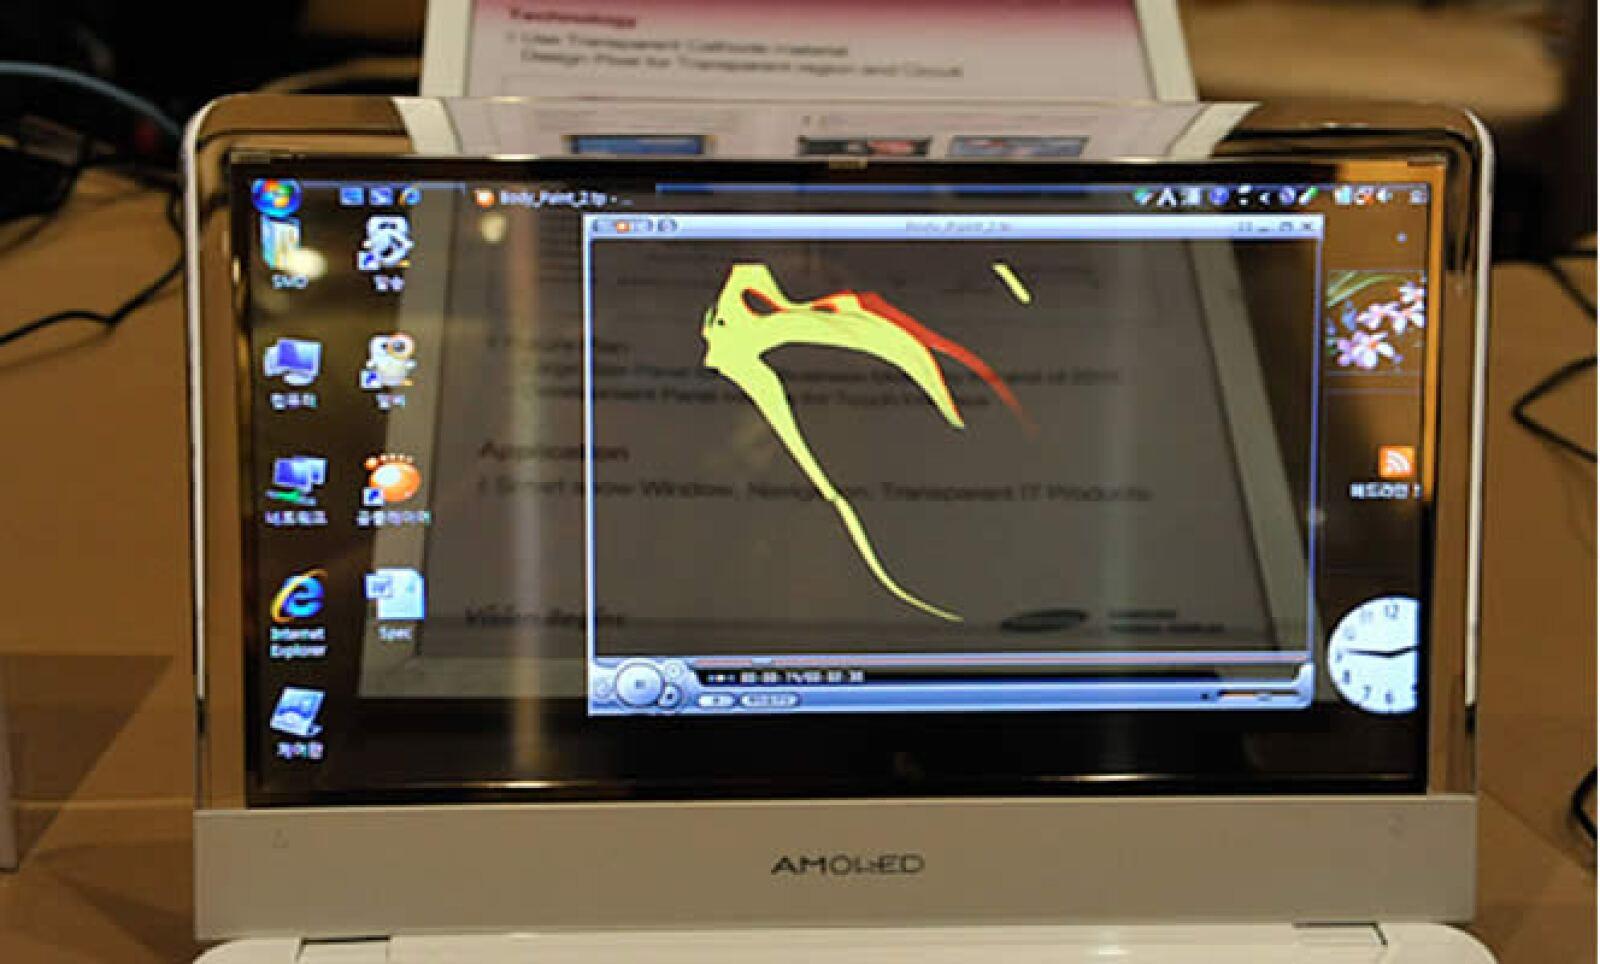 La tecnológica Samsung presentó su tecnología AMOLED, la cual hace las superficies de visualización tan delgadas como el papel.